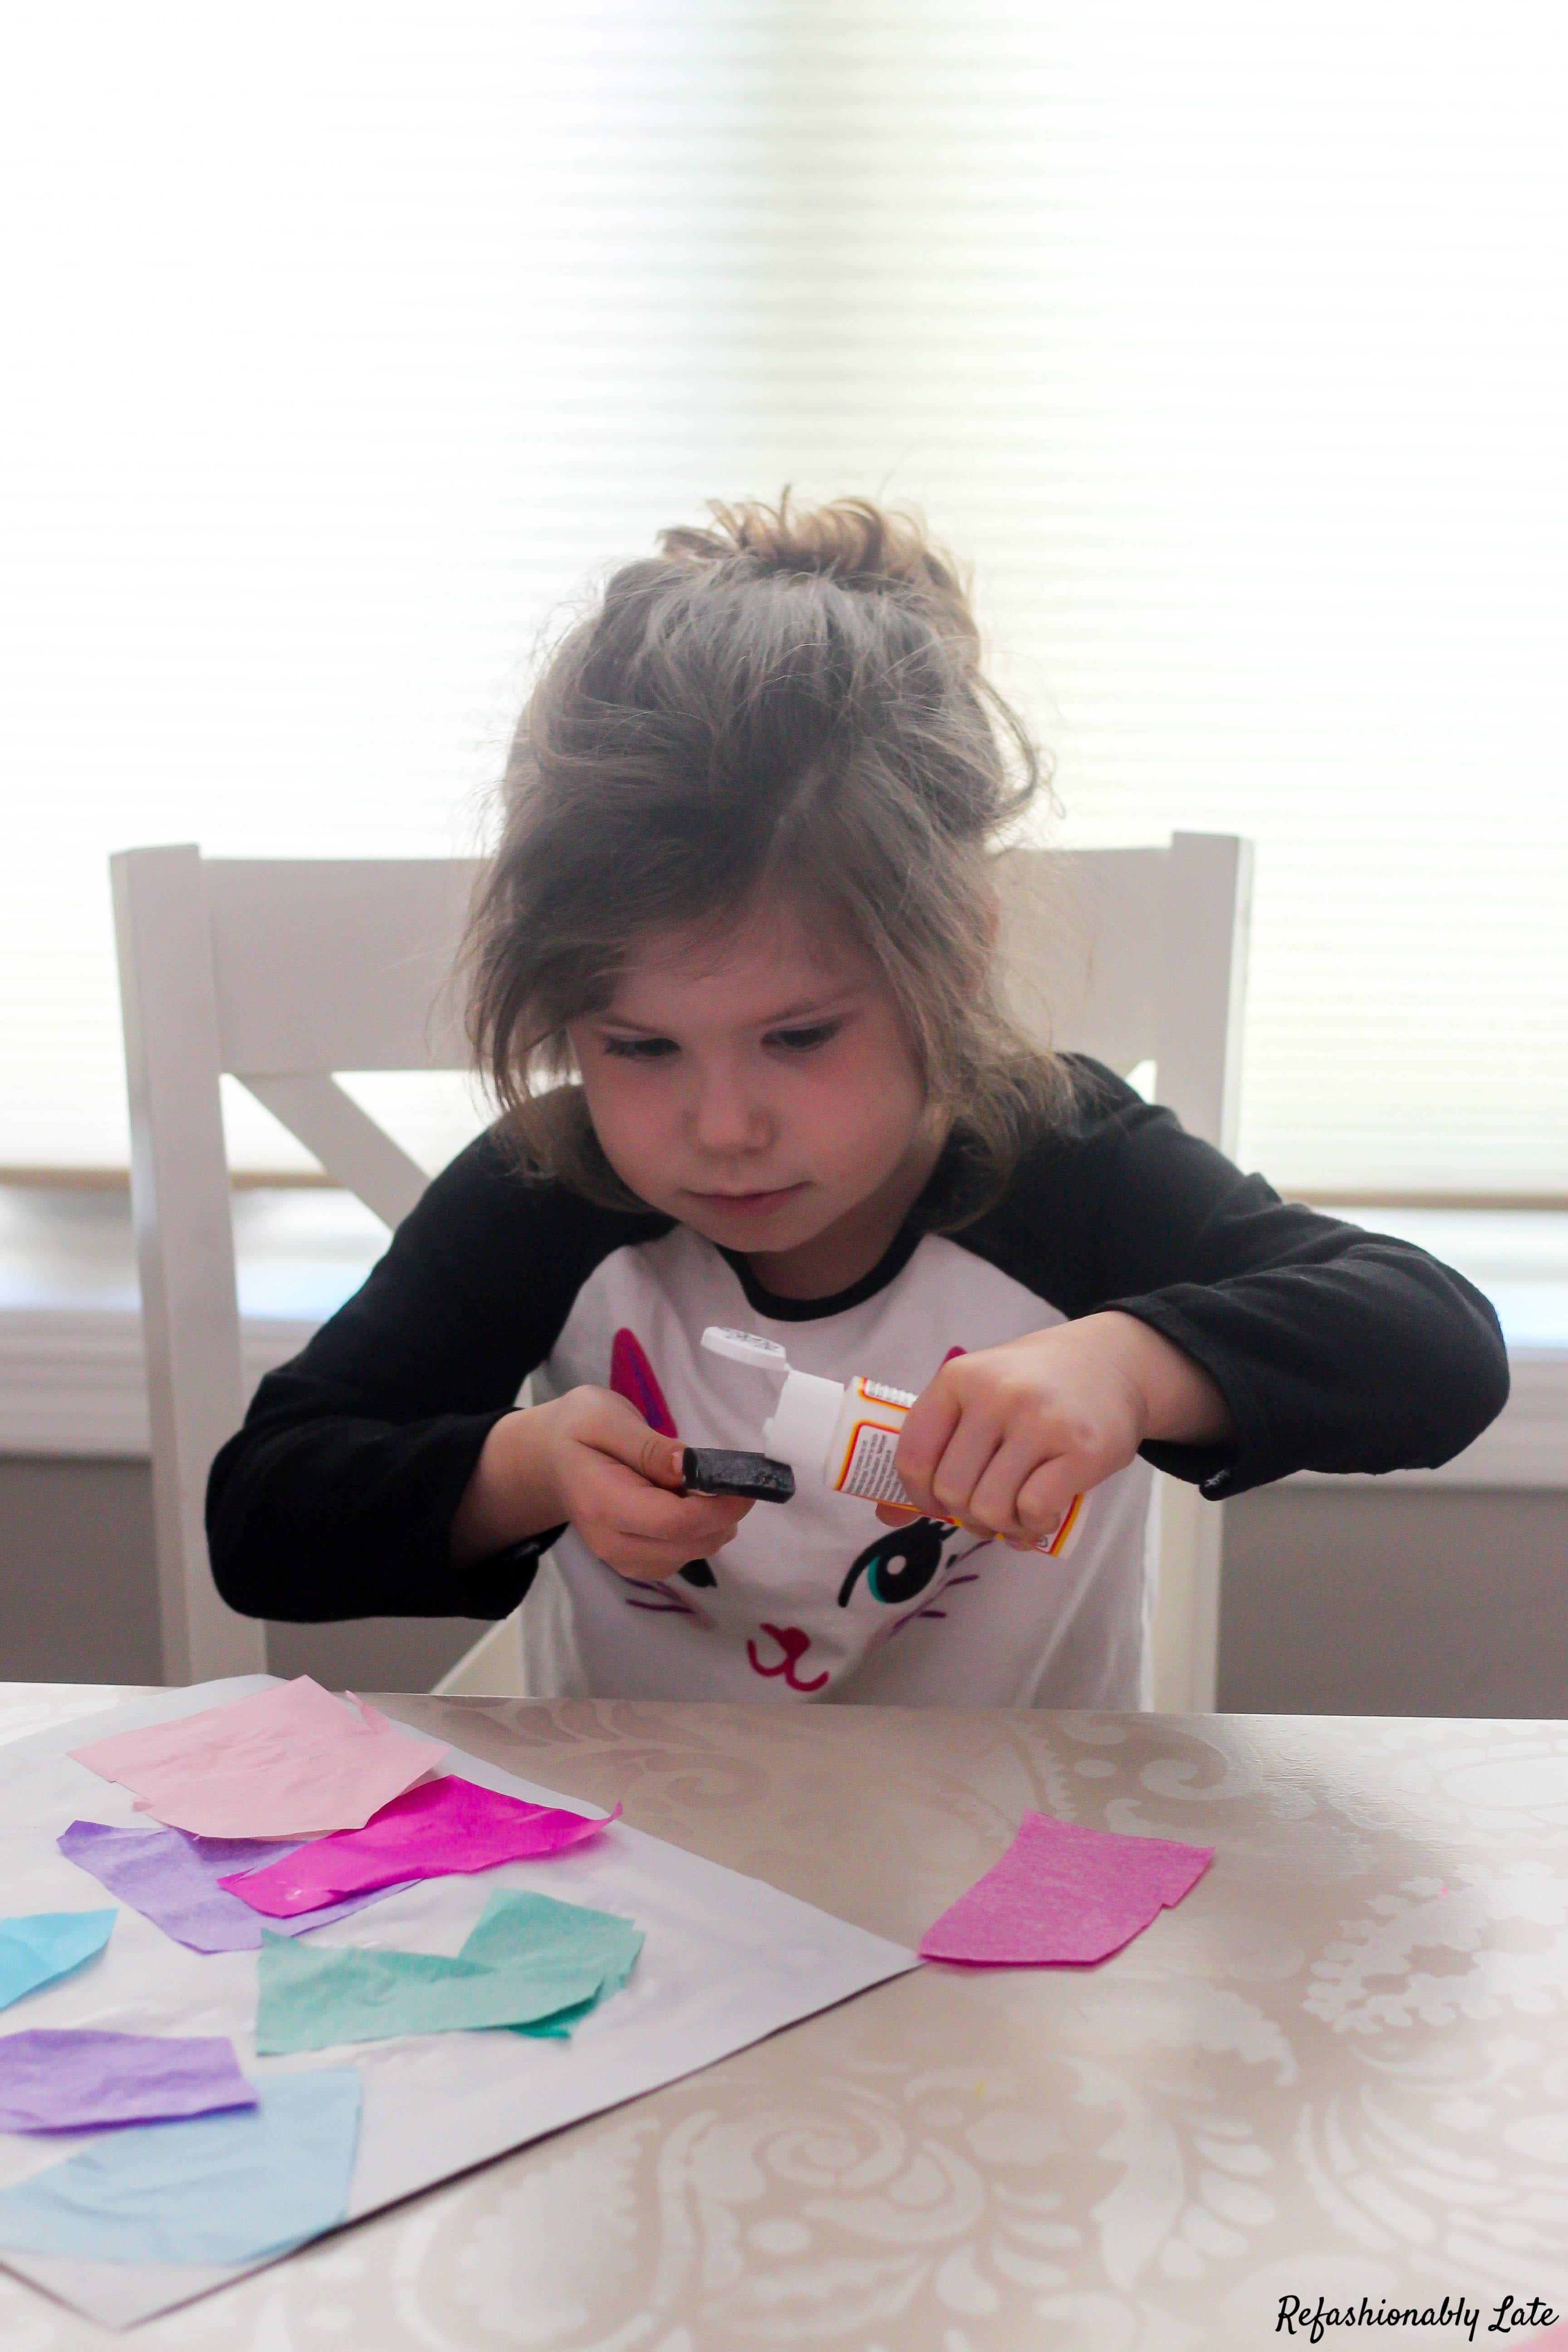 DIY Stained Glass Window Children's Craft - www.refashionablylate.com